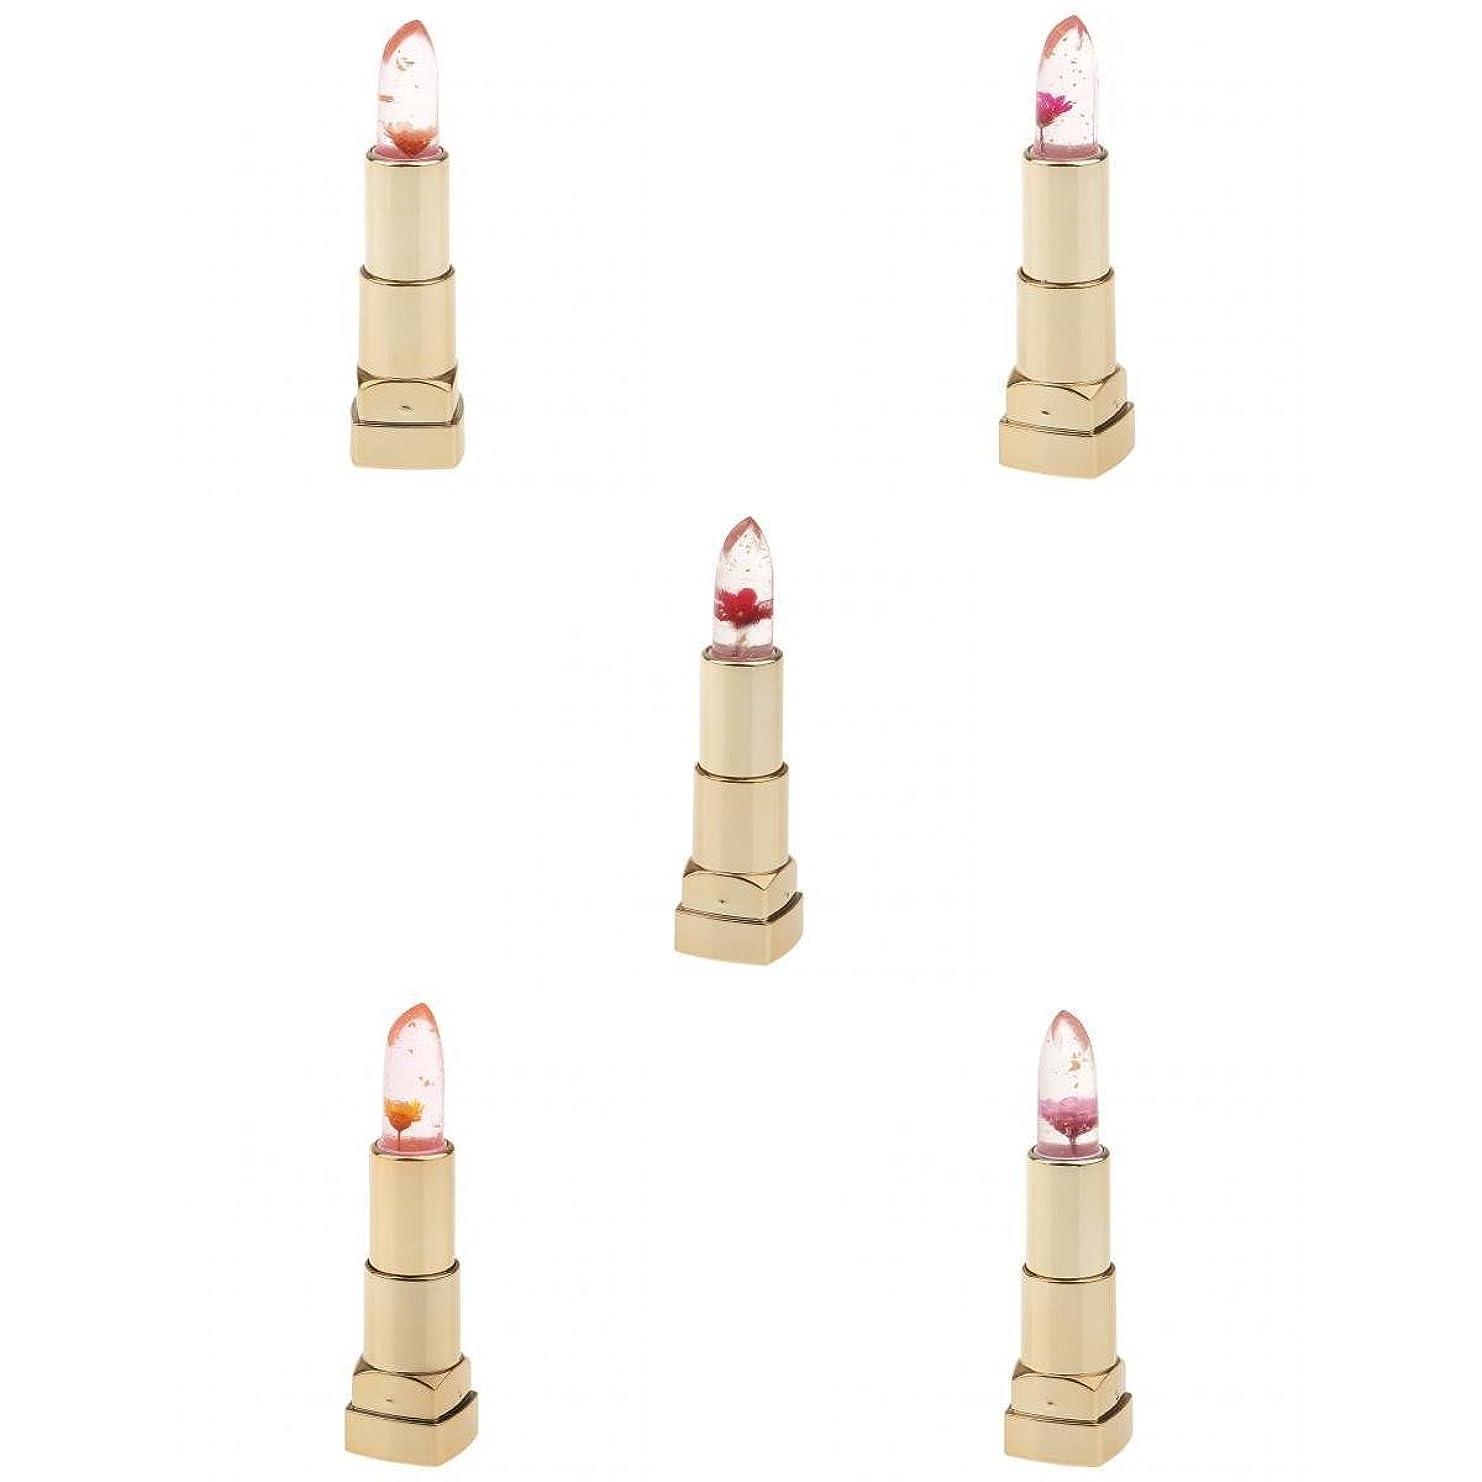 マダムさわやか豪華なPerfeclan リップスティック 口紅 透明 色変化 お花 リップグロス 保湿 防水 持久 おしゃれ 3個入り - #1